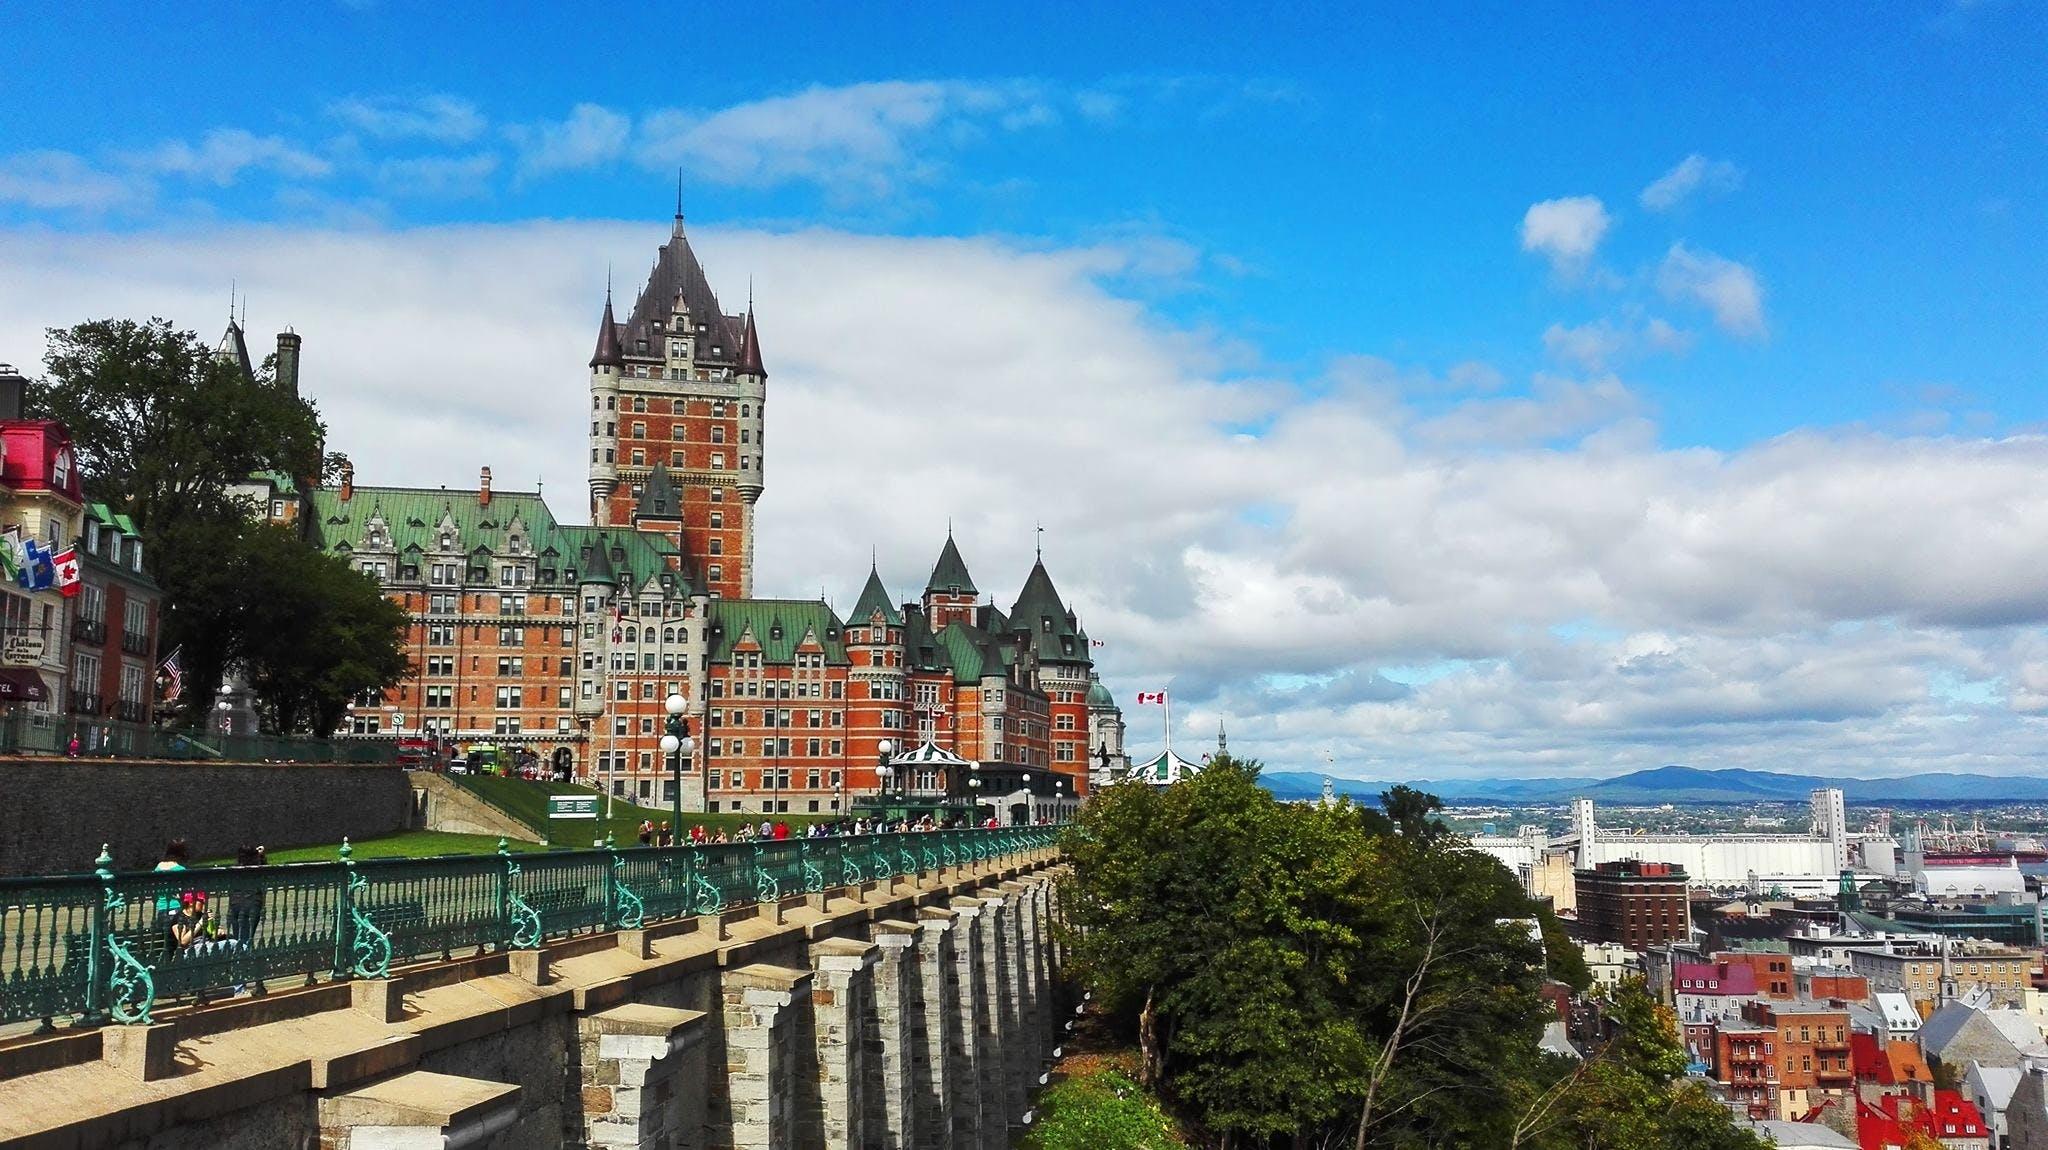 Fairmont Le Chateau Frontenac, Canada